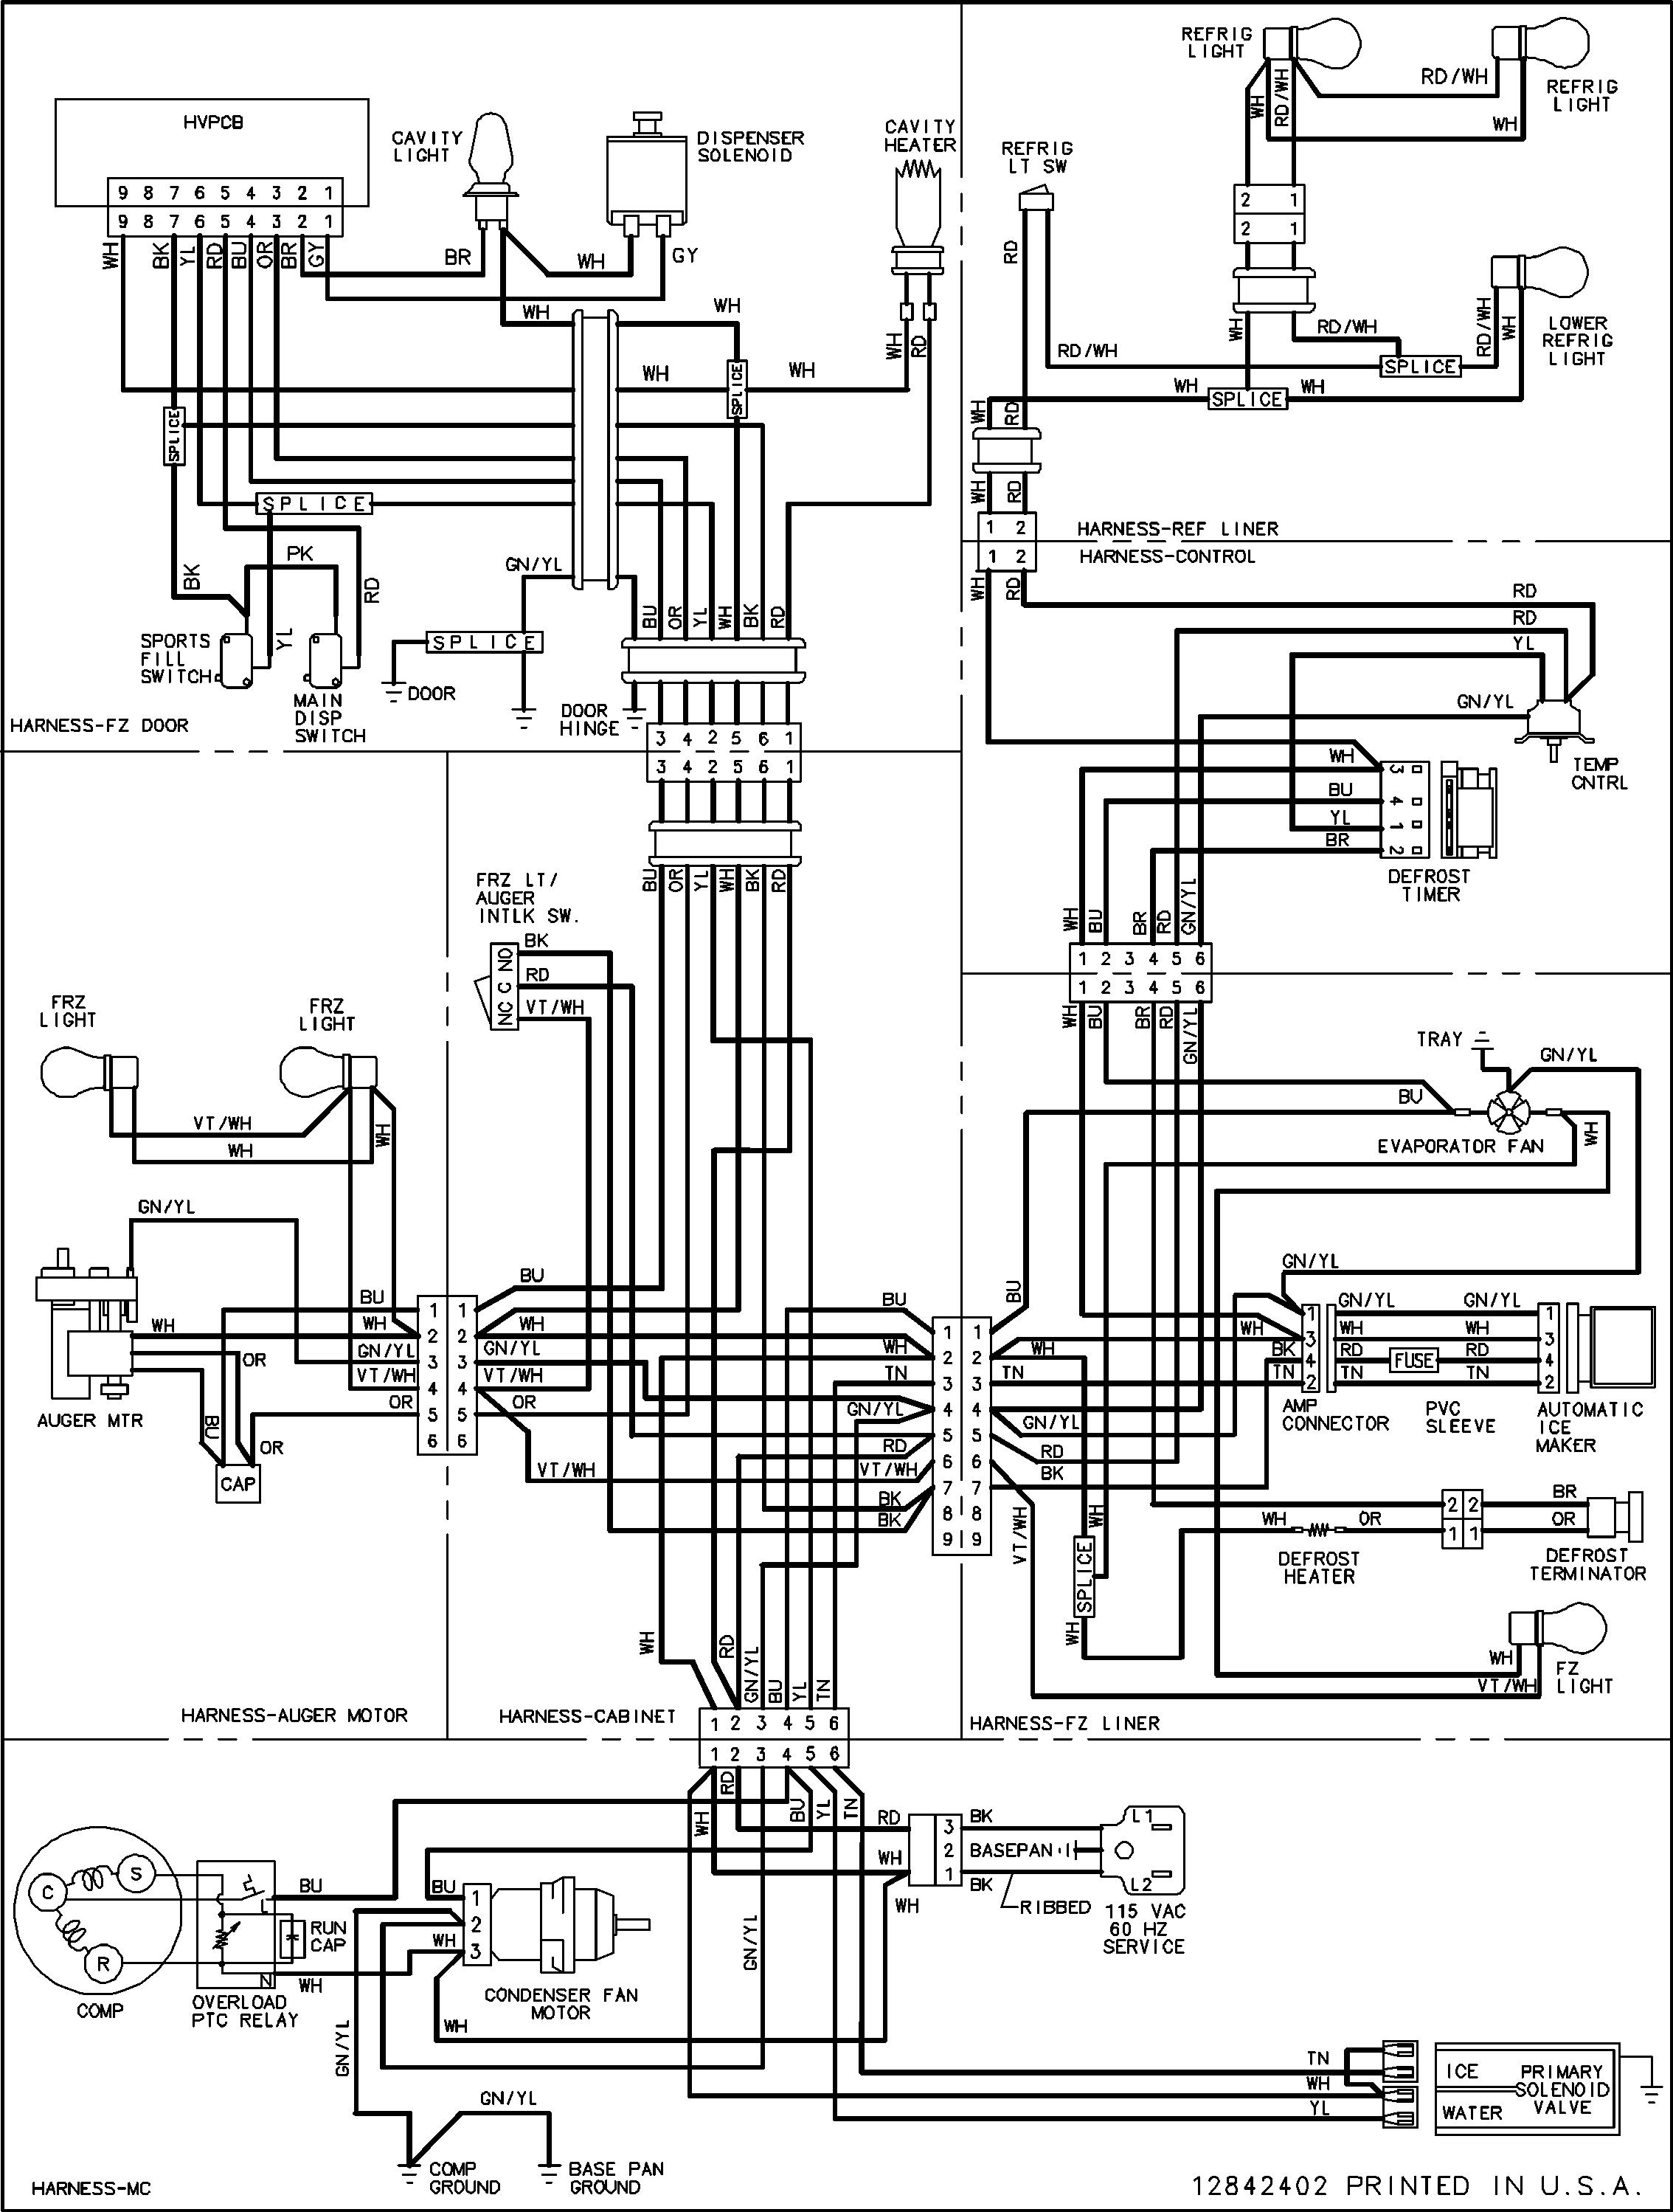 Sundance Wiring Diagram - Wiring Diagrams Schematics